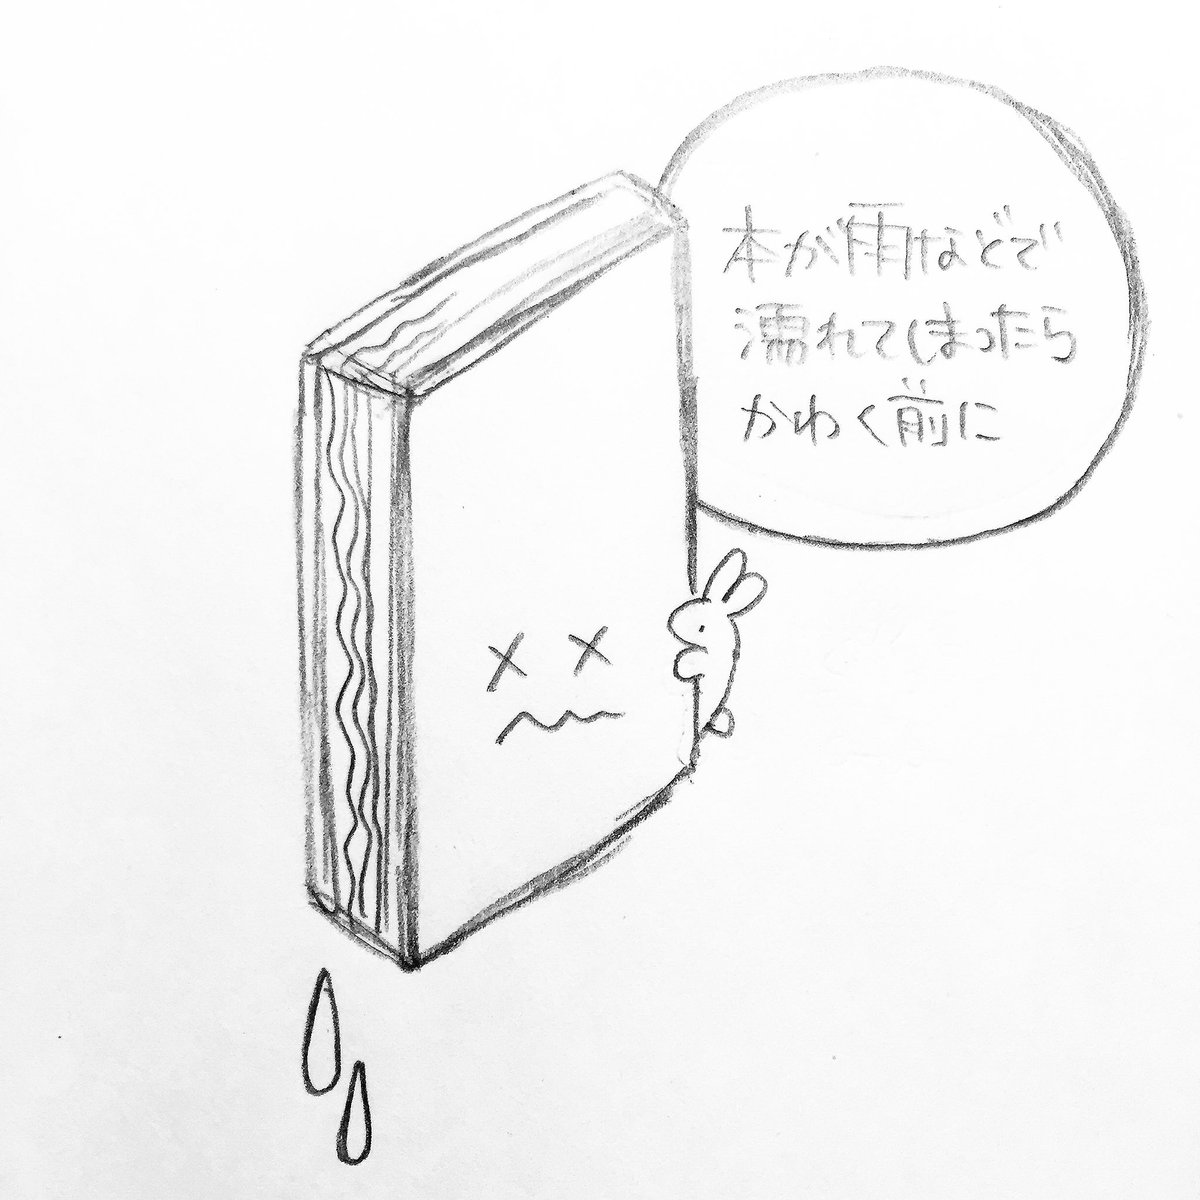 なかなか知られていないようなので。本が濡れてしまったら。